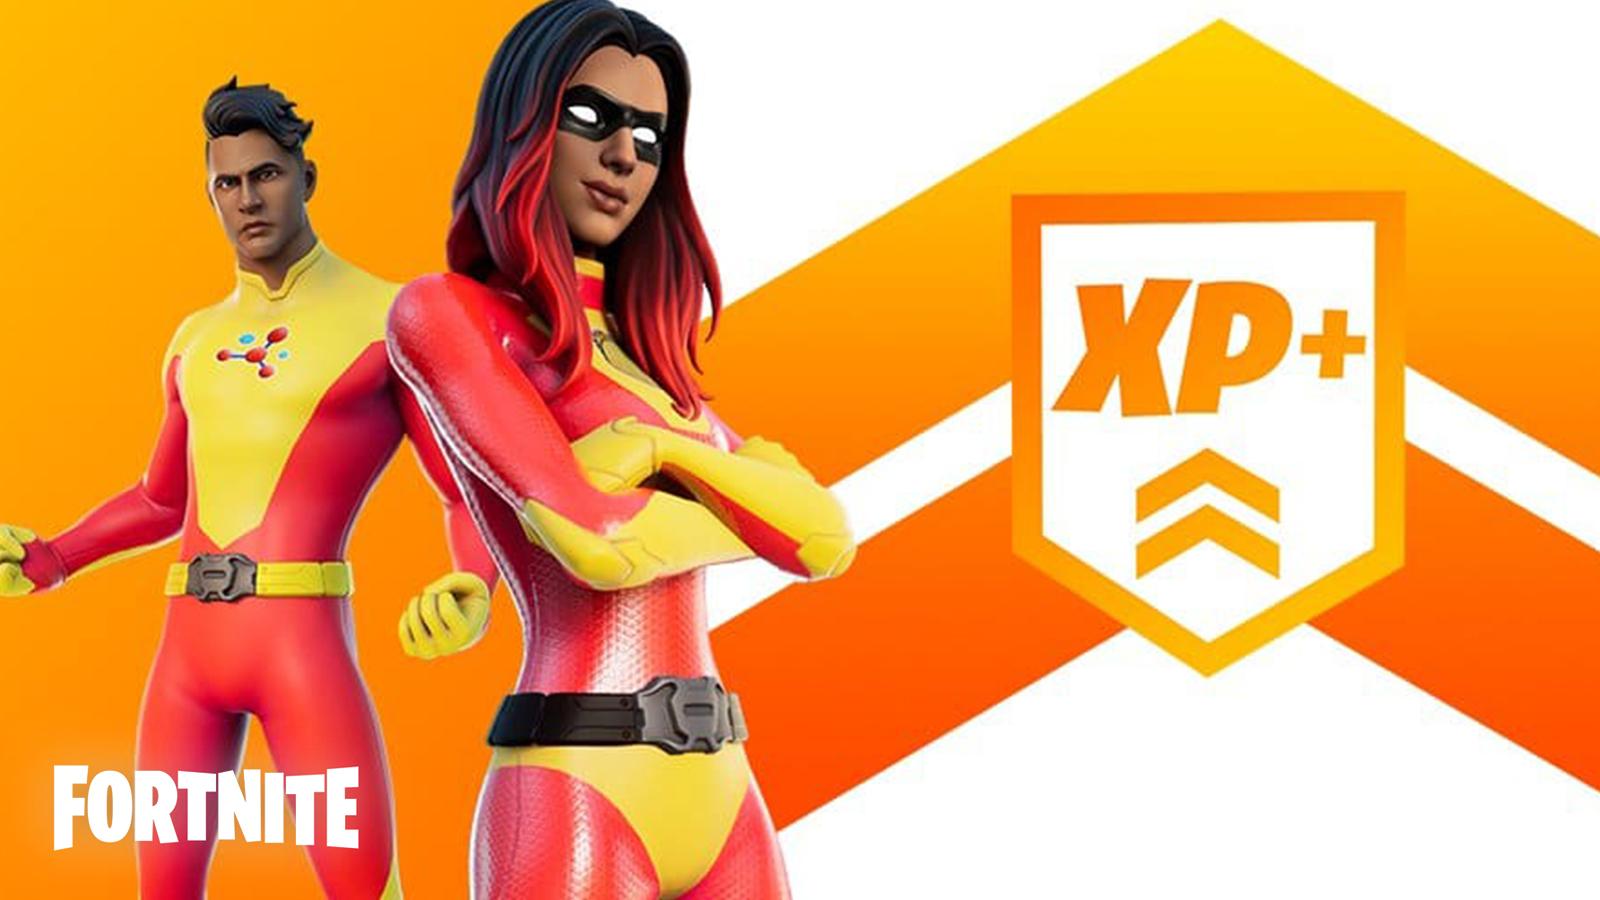 Fortnite Season 4 Week 12 XP Xtravaganza